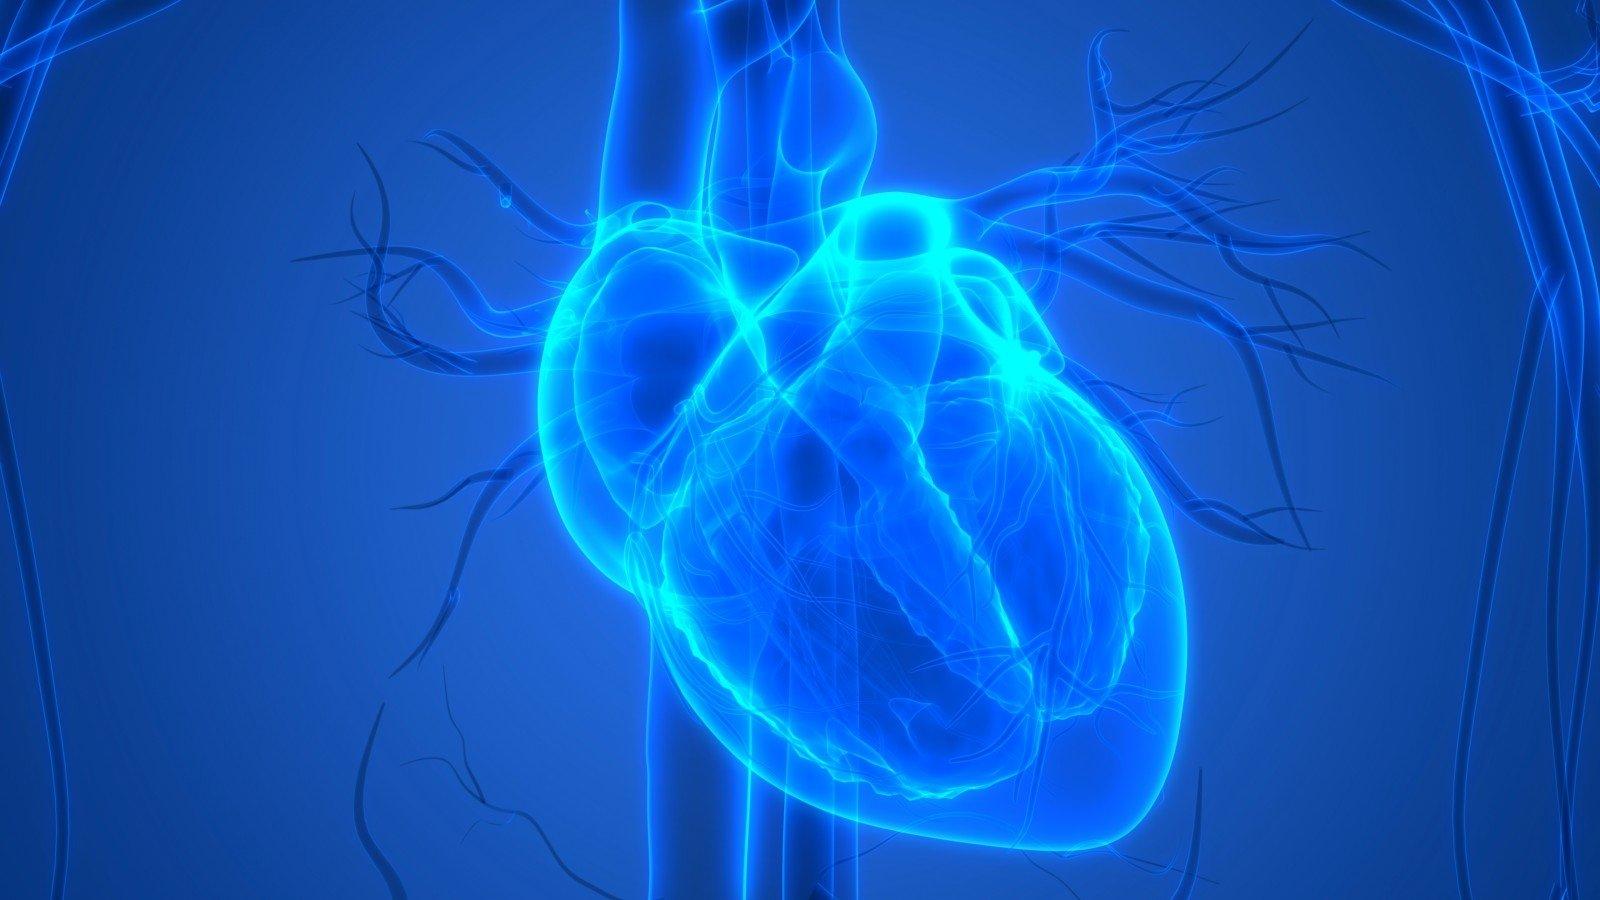 Širdies vožtuvų ydos: kodėl vystosi, kokiais simptomais pasireiškia?